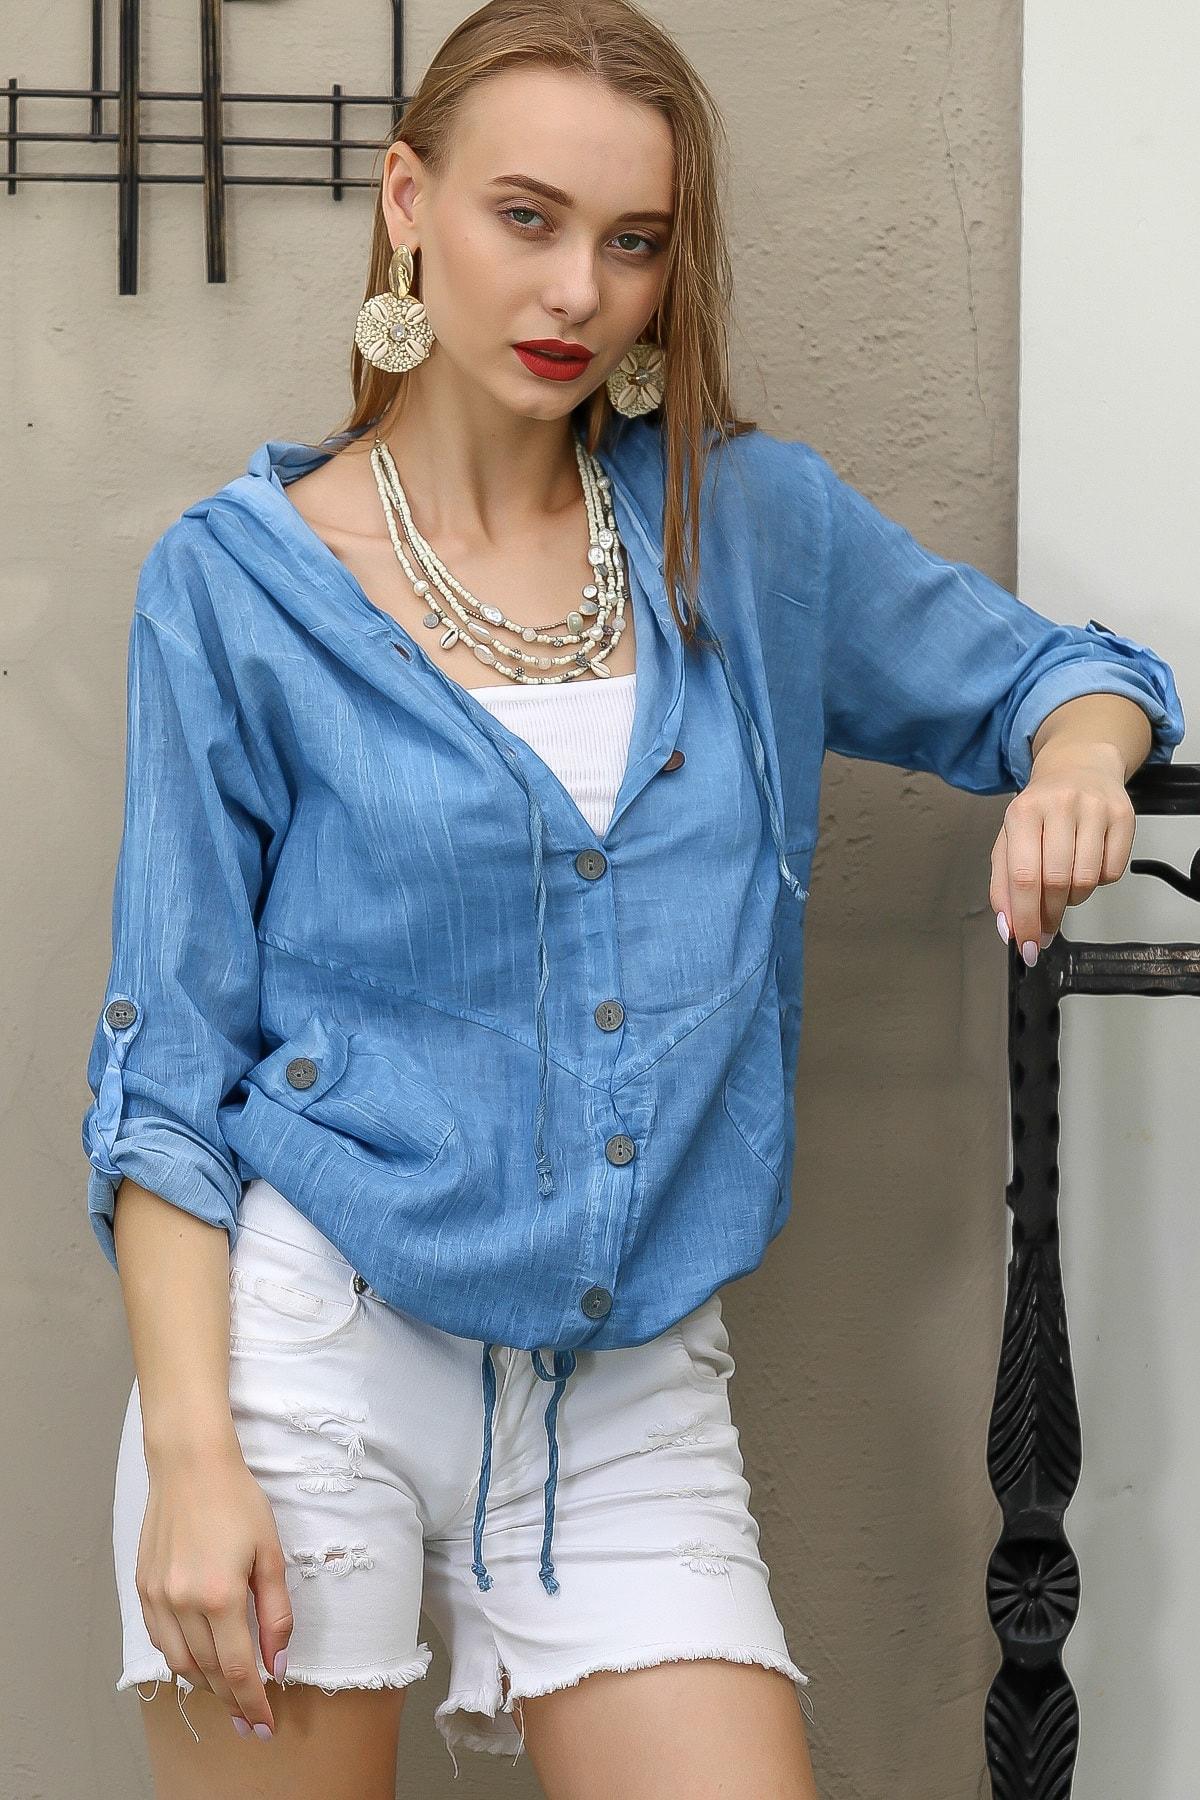 Chiccy Kadın Mavi Casual Kapüşonlu Düğmeli Beli Ip Detaylı Büzgülü Yıkmalı Ceket M10210100Ce99339 1